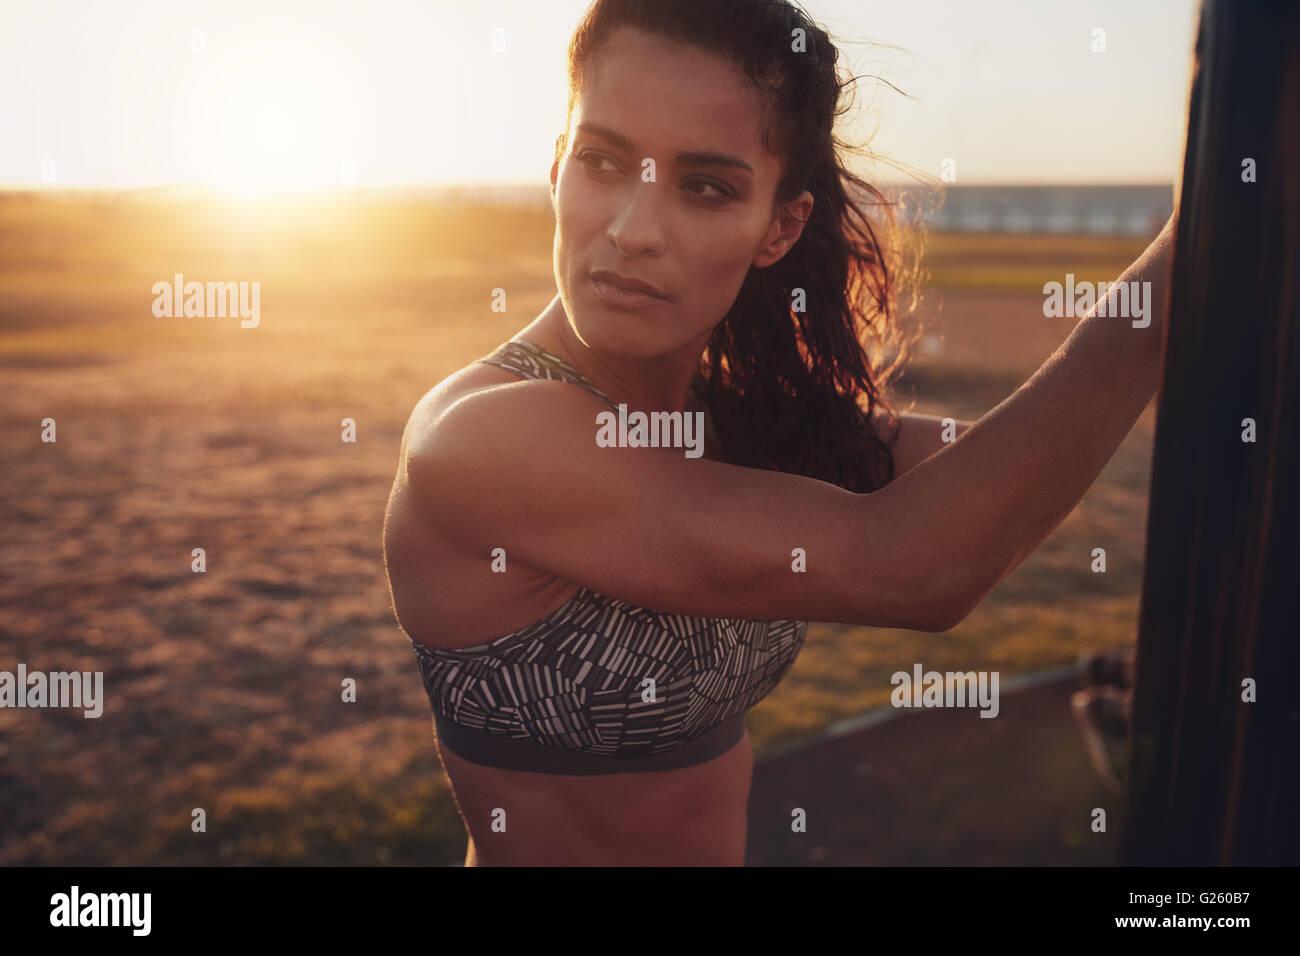 Schuss von Fit junge Frau im Sport BH wegsehen hautnah. Nachdenklich Fitness Frauen stehen im Freien an einem sonnigen Stockbild